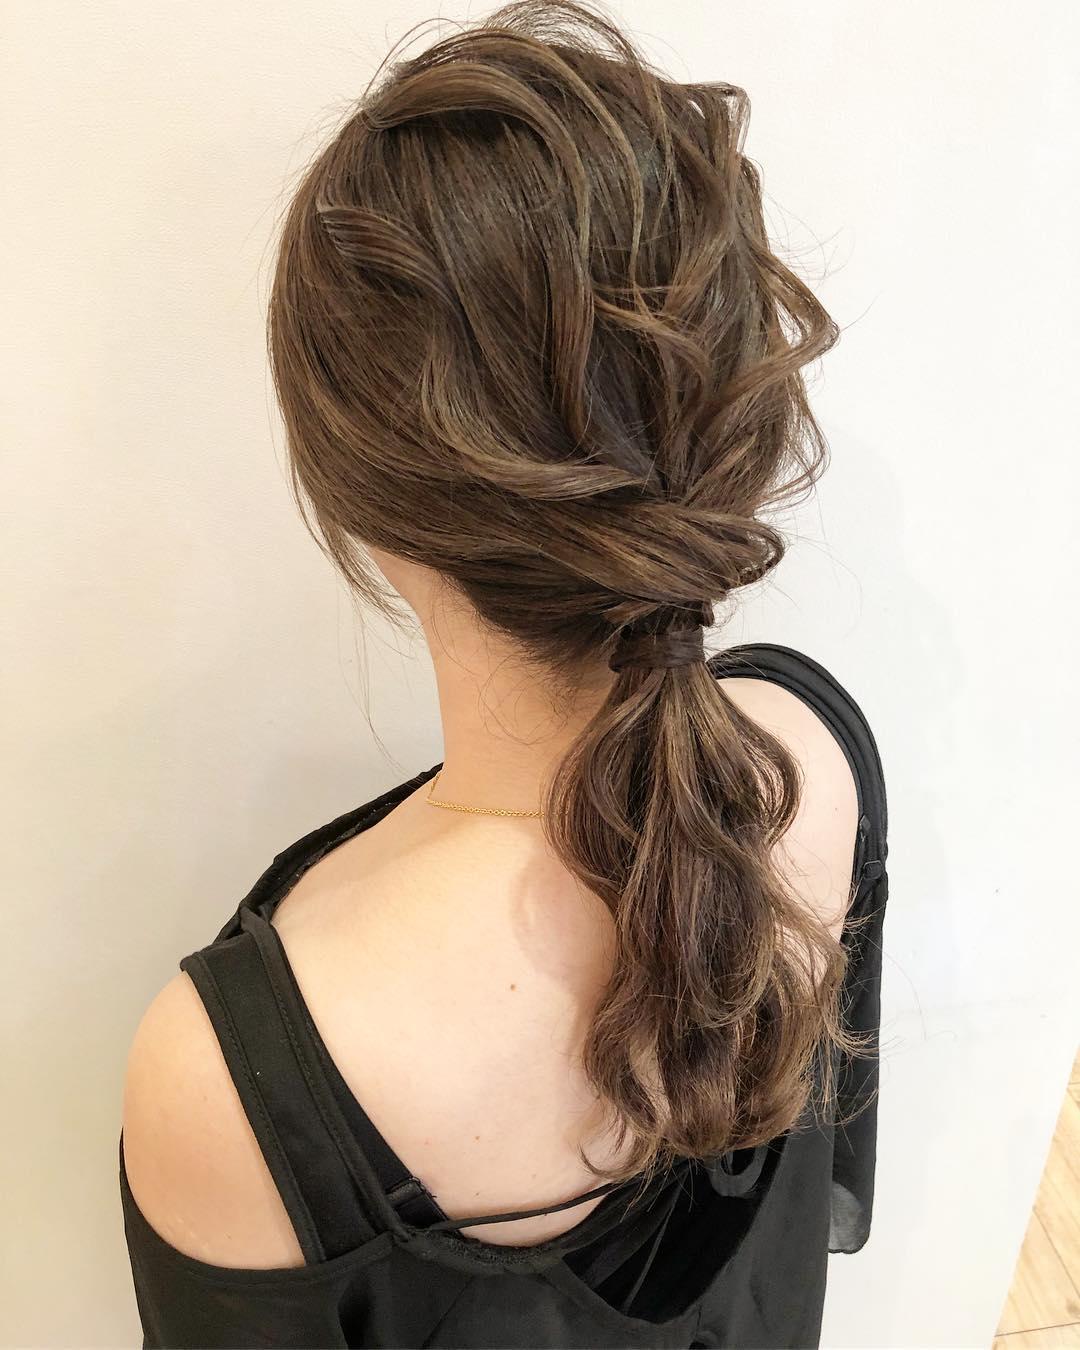 【保存版】トレンドの可愛いヘアスタイル・髪型67選大発表!1